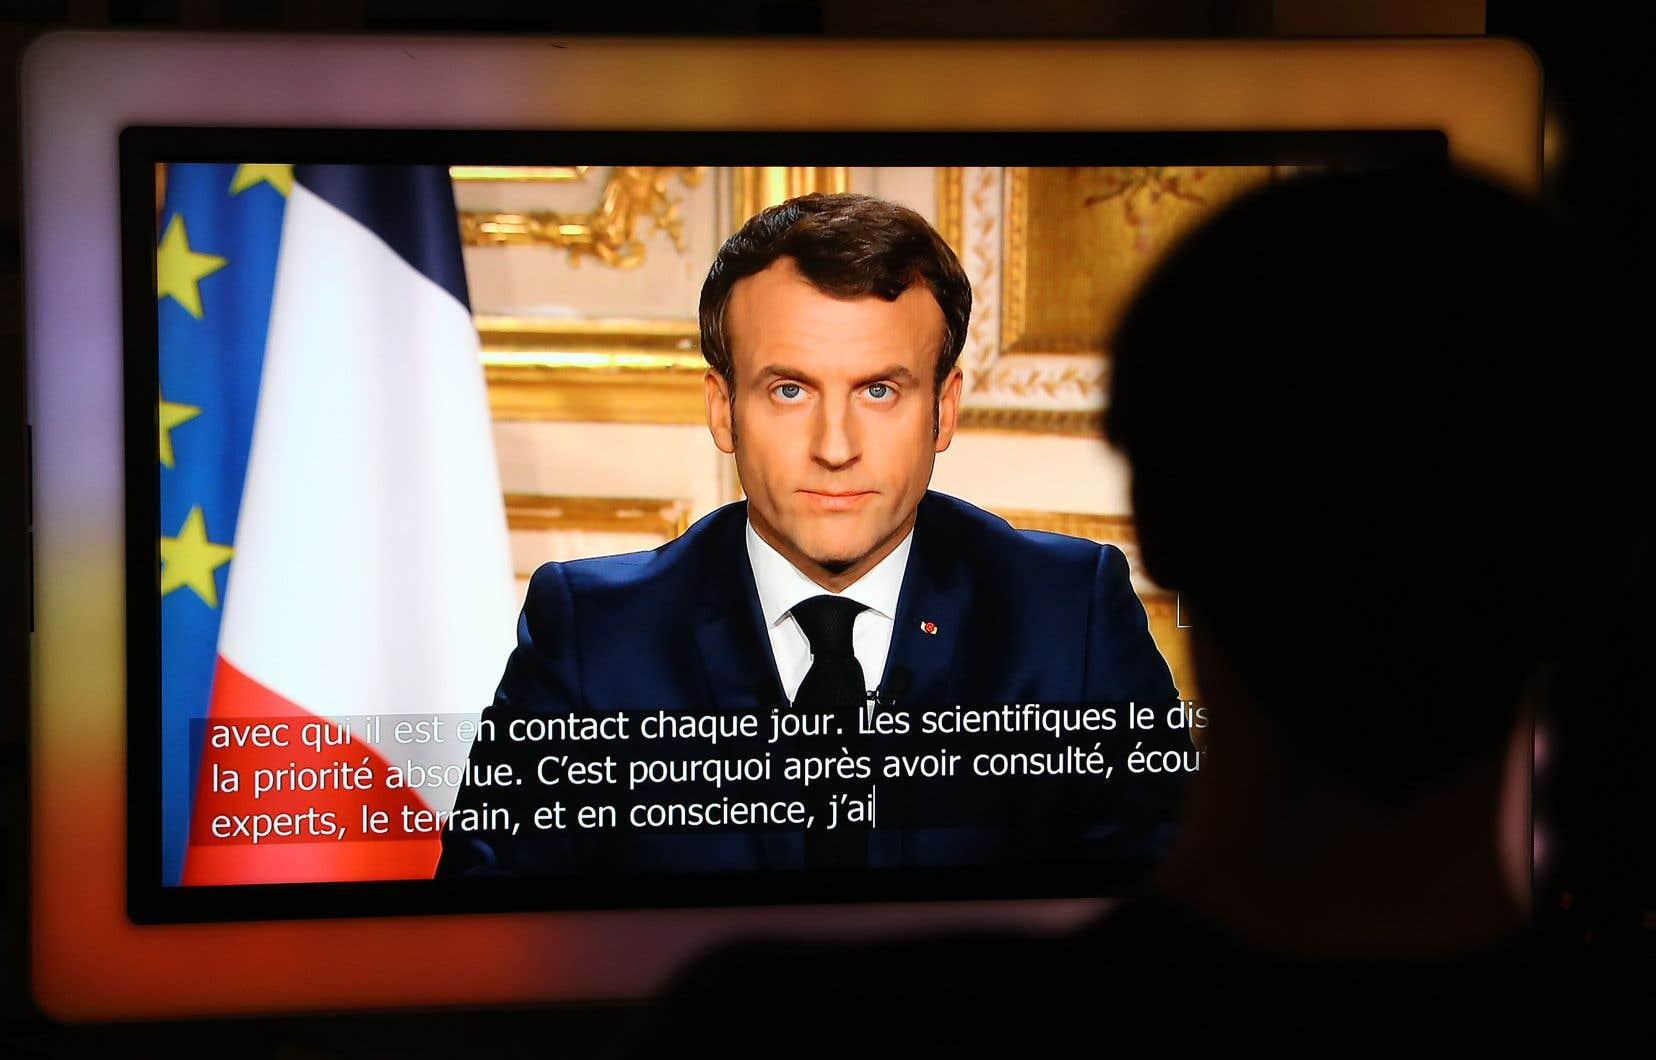 Le président français, dans une allocution télévisée, s'est dit choqué par les rassemblements qu'il a vus dimanche dans les parcs de Paris, annonçant ensuite que les infractions aux mesures de confinement seront sanctionnées.